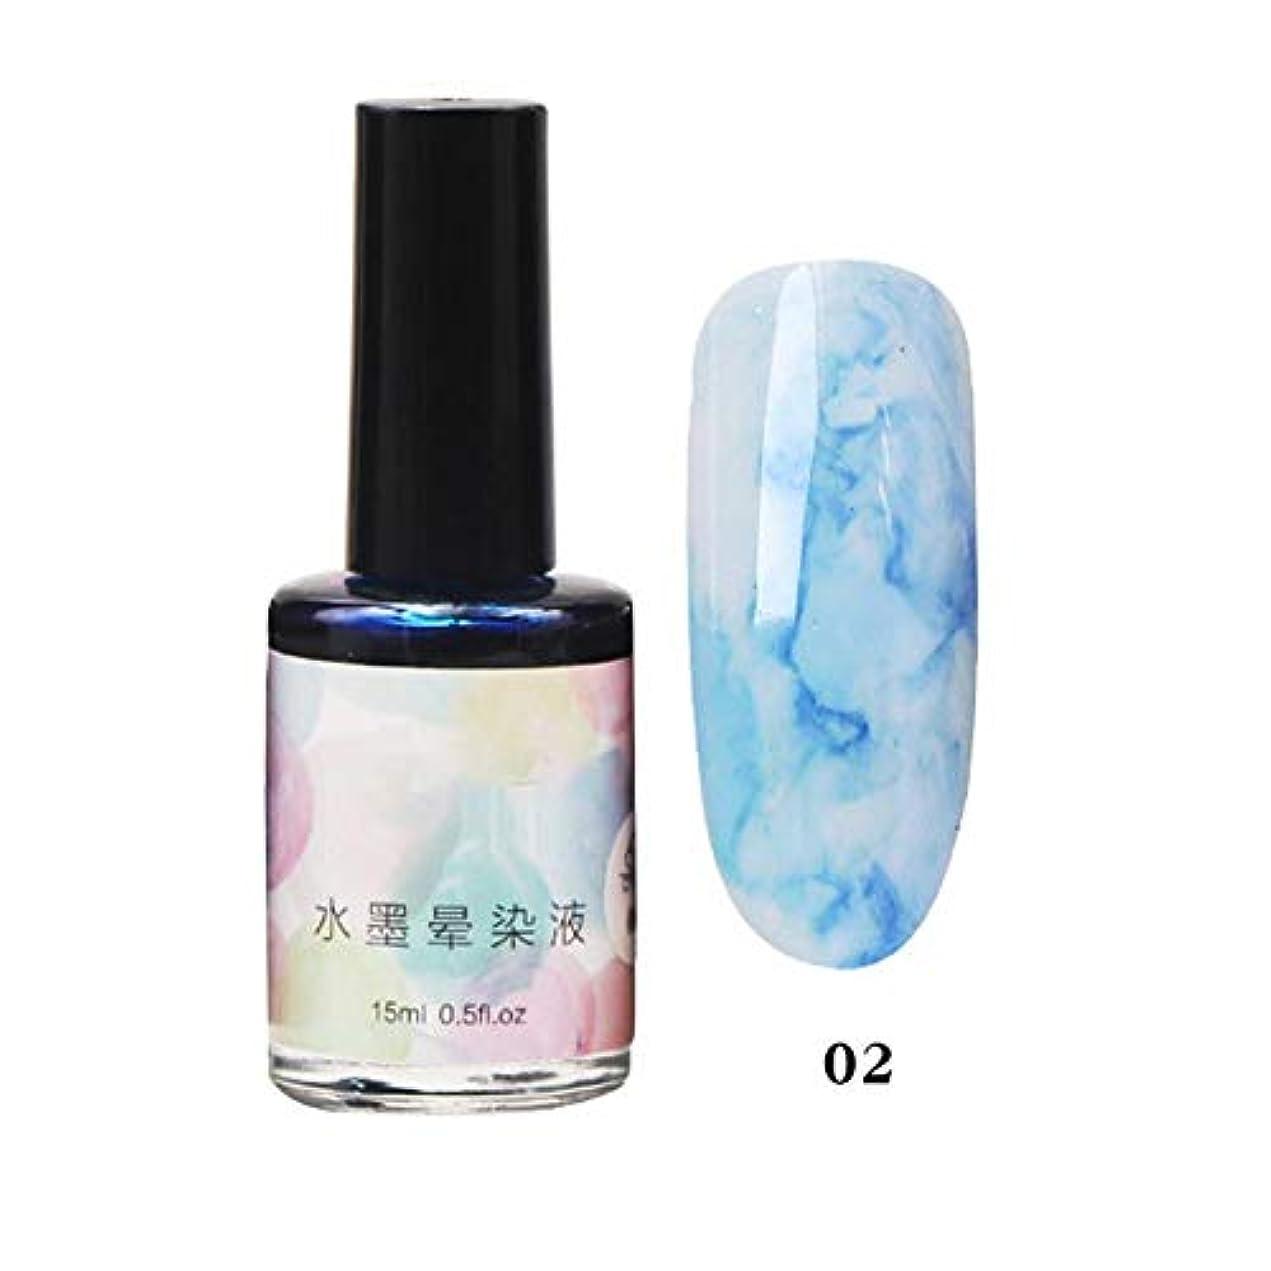 解読する知る厄介な11色選べる ネイルポリッシュ マニキュア ネイルアート 美しい 水墨柄 ネイルカラー 液体 爪に塗って乾かす 初心者でも簡単に使用できる junexi